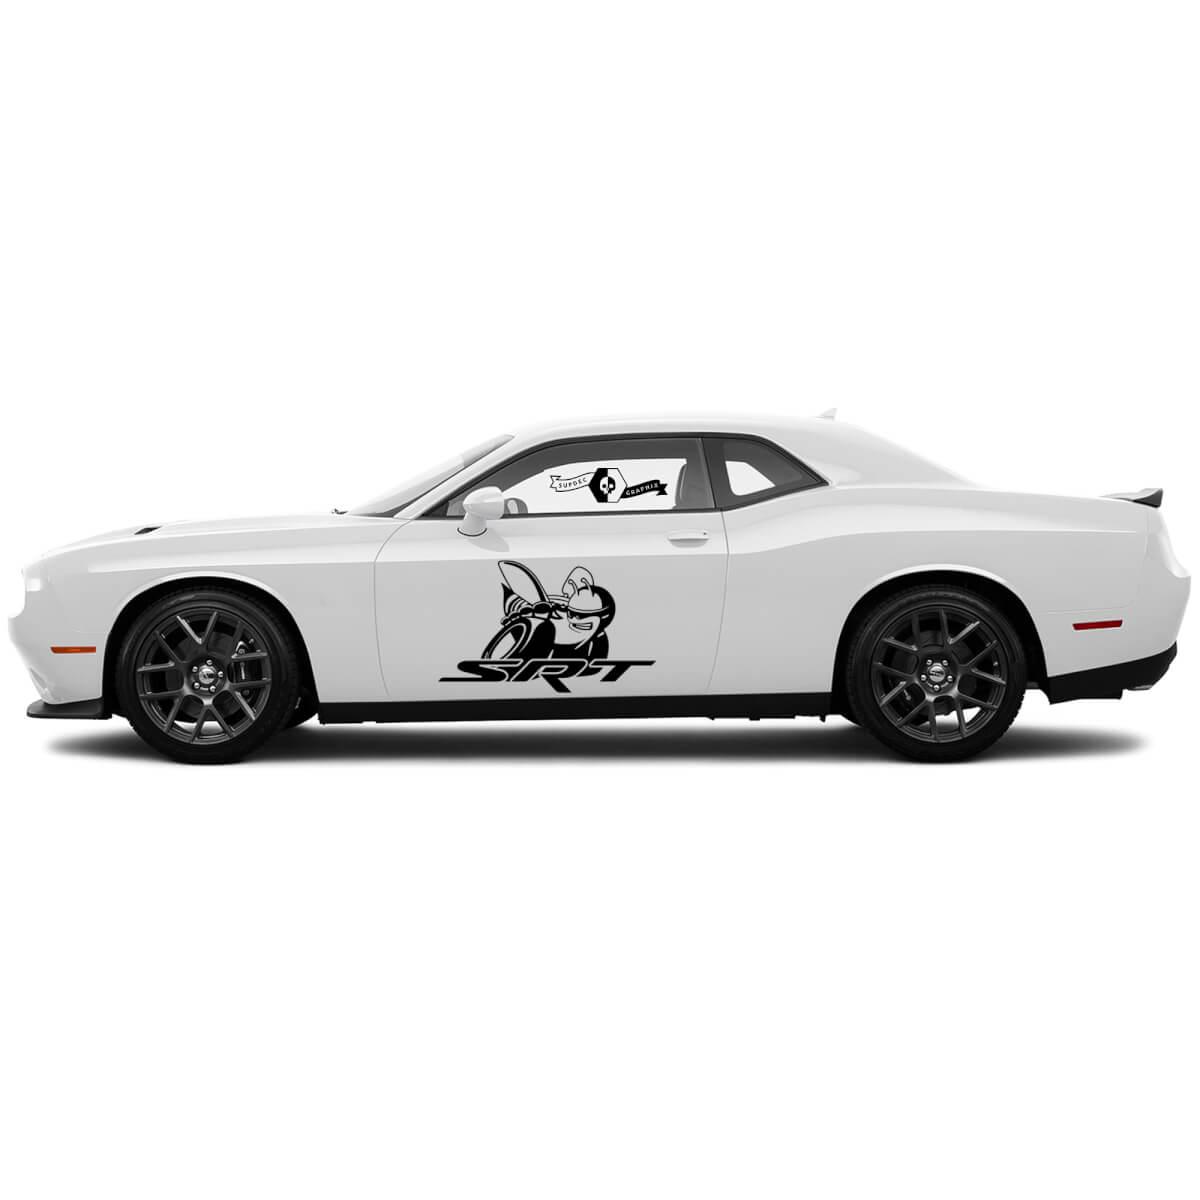 SRT Powered Scat Pack Splash Decals für Dodge Challenger oder Ladegerät Seite Vinylaufkleber Aufkleber # 3